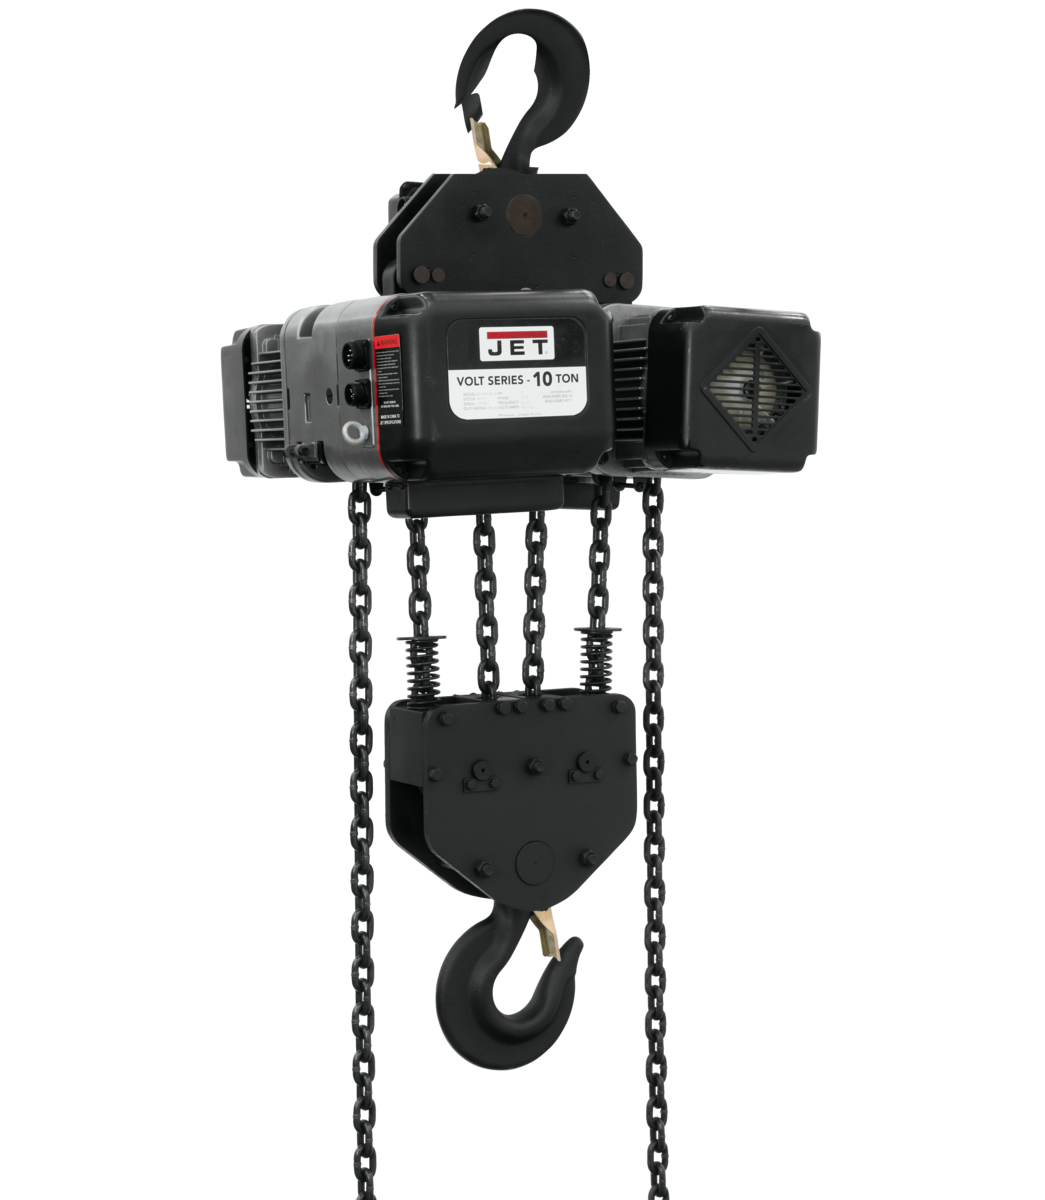 VOLT 10T VARIABLE-SPEED ELECTRIC HOIST  3PH 460V 10' LIFT